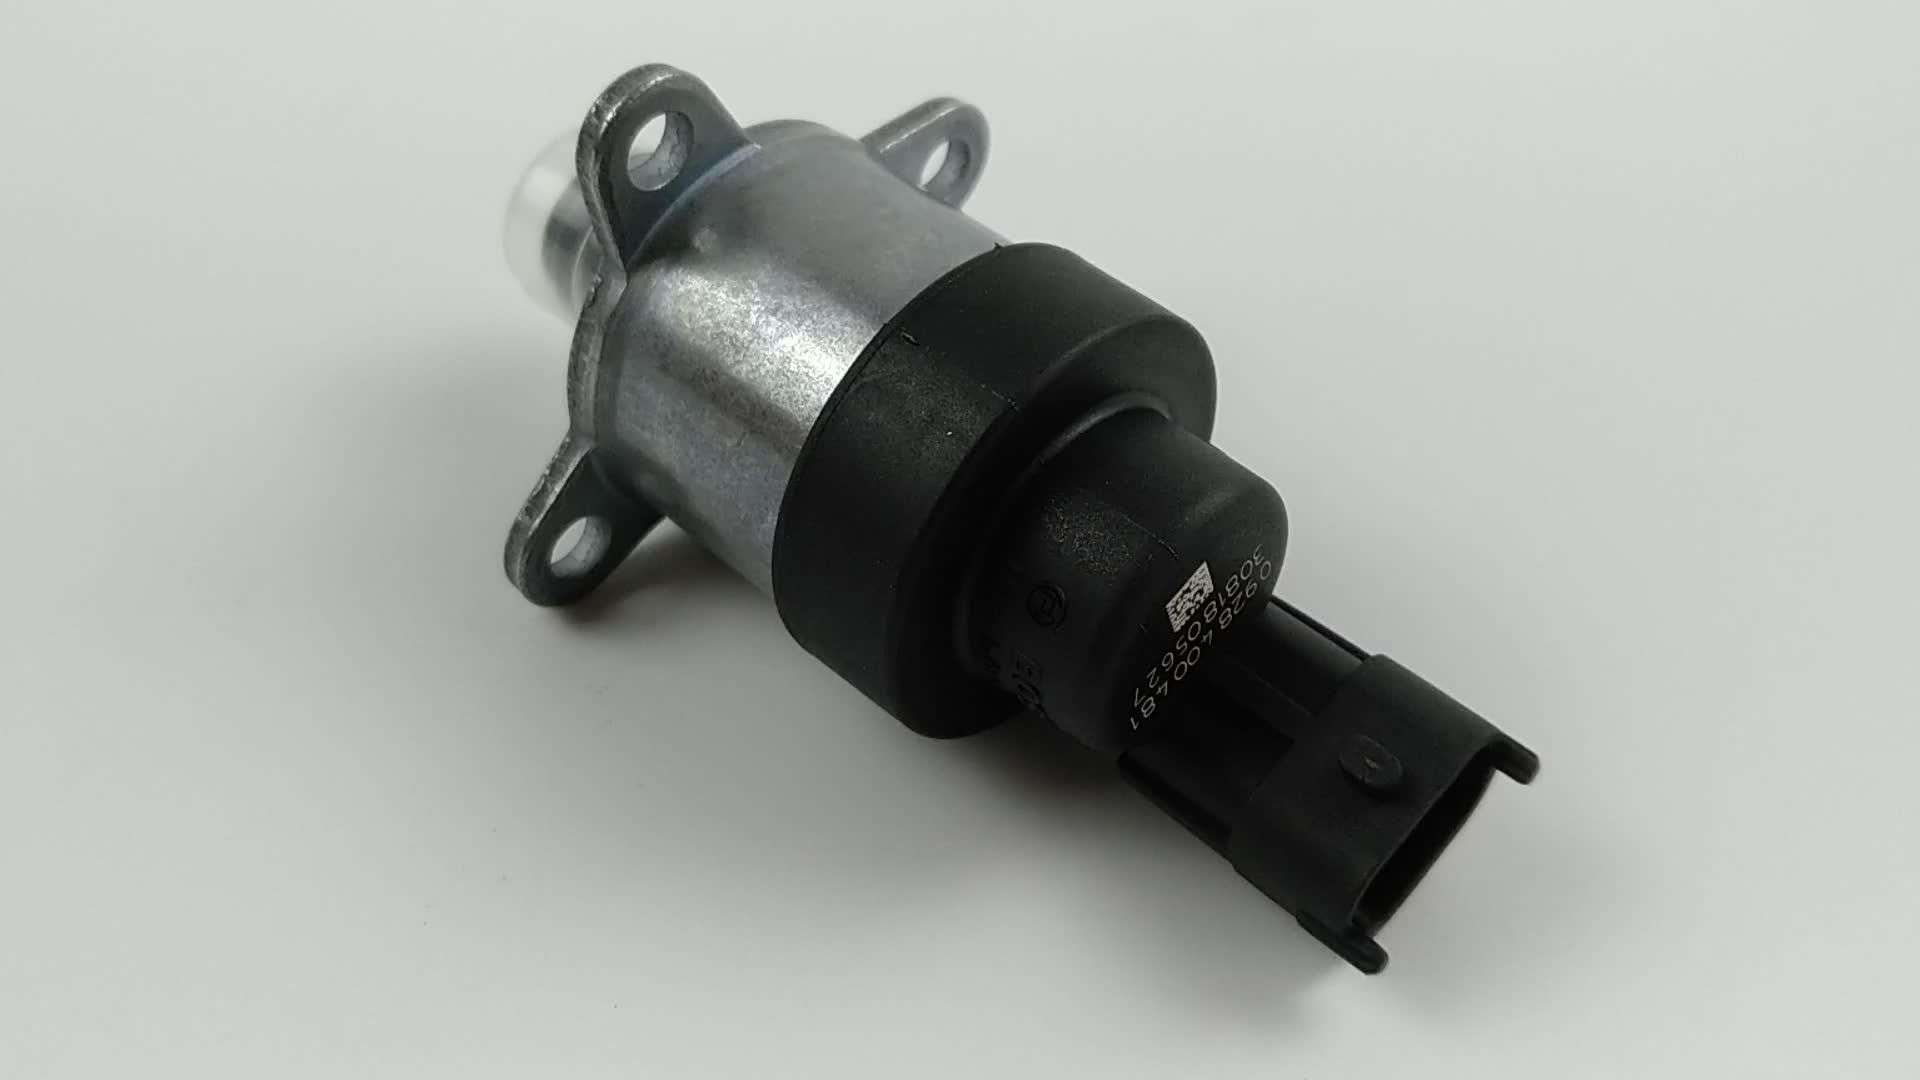 Genuine quality fuel control valve pressure regulator 0928400481 4937597 1638153 0928400638 for Cummins DAF Iveco